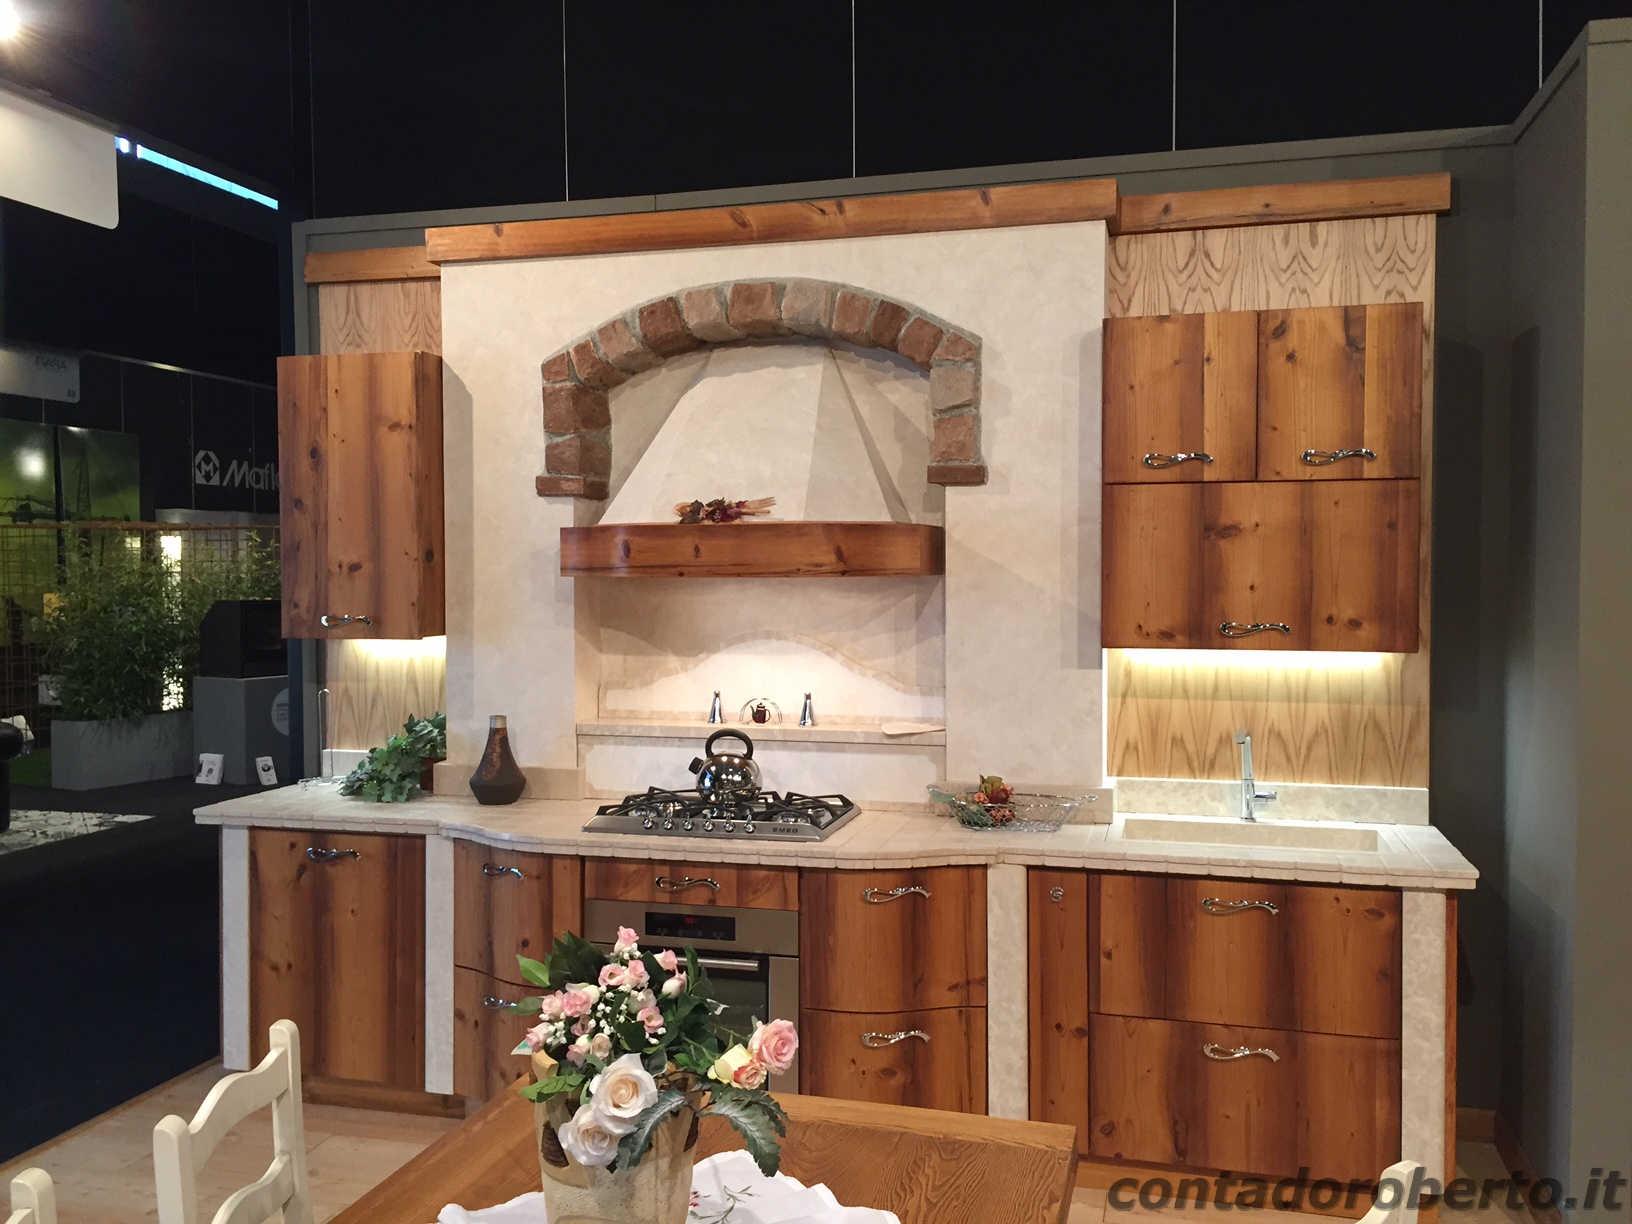 Cucina Antica E Moderna | Cucina Classico Moderno